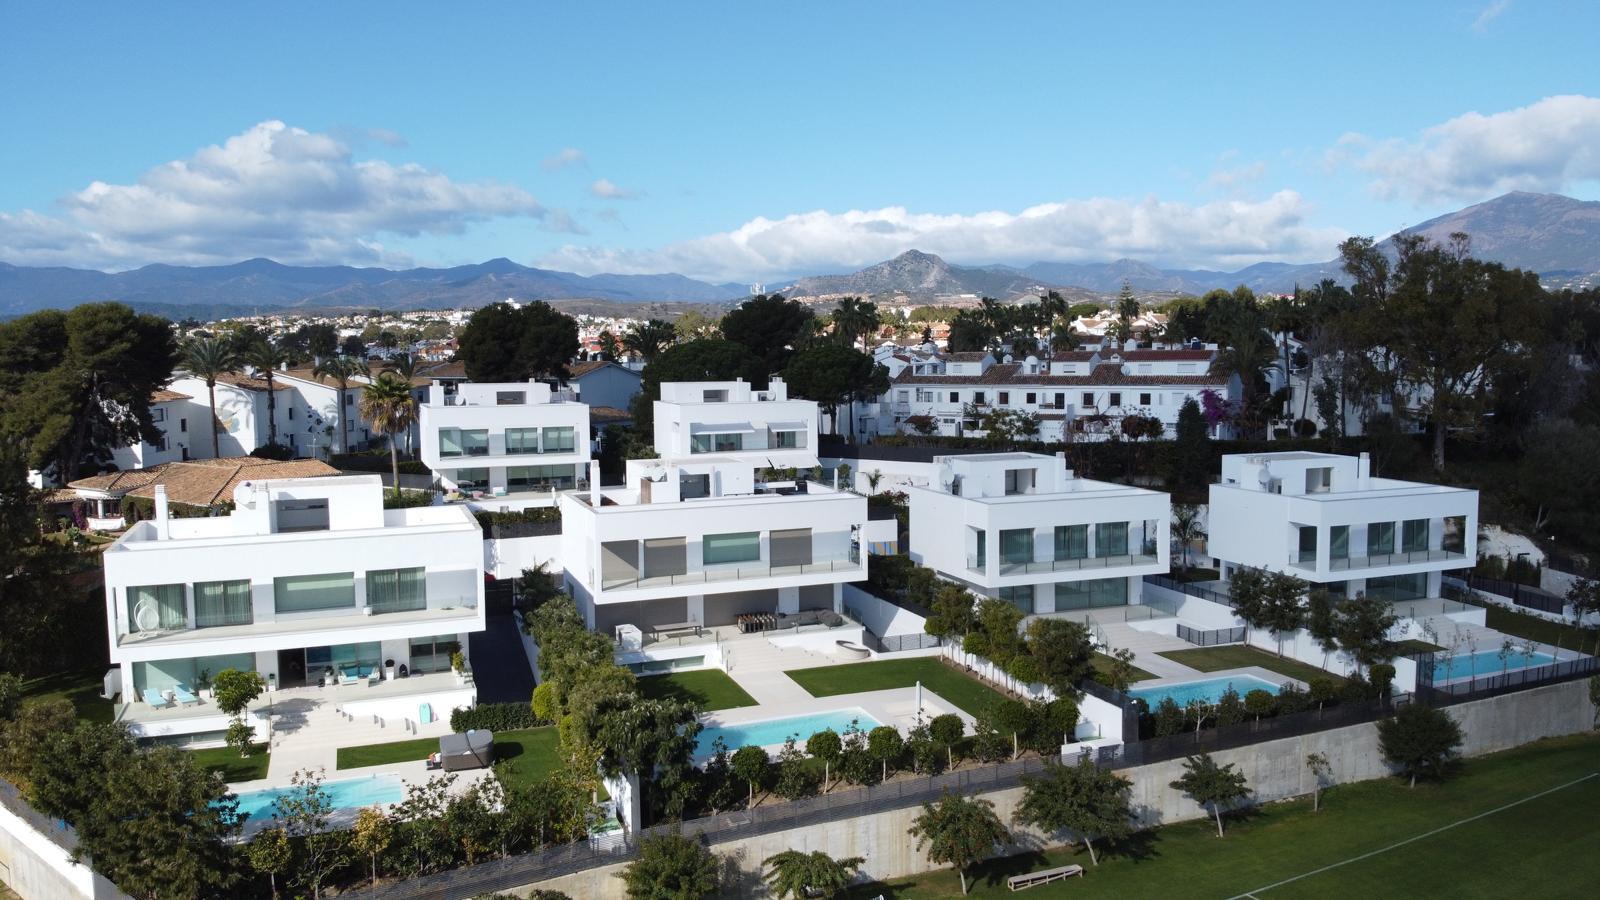 Nieuw project van moderne villa's te koop in Guadalmina Baja - Casasola - Marbella